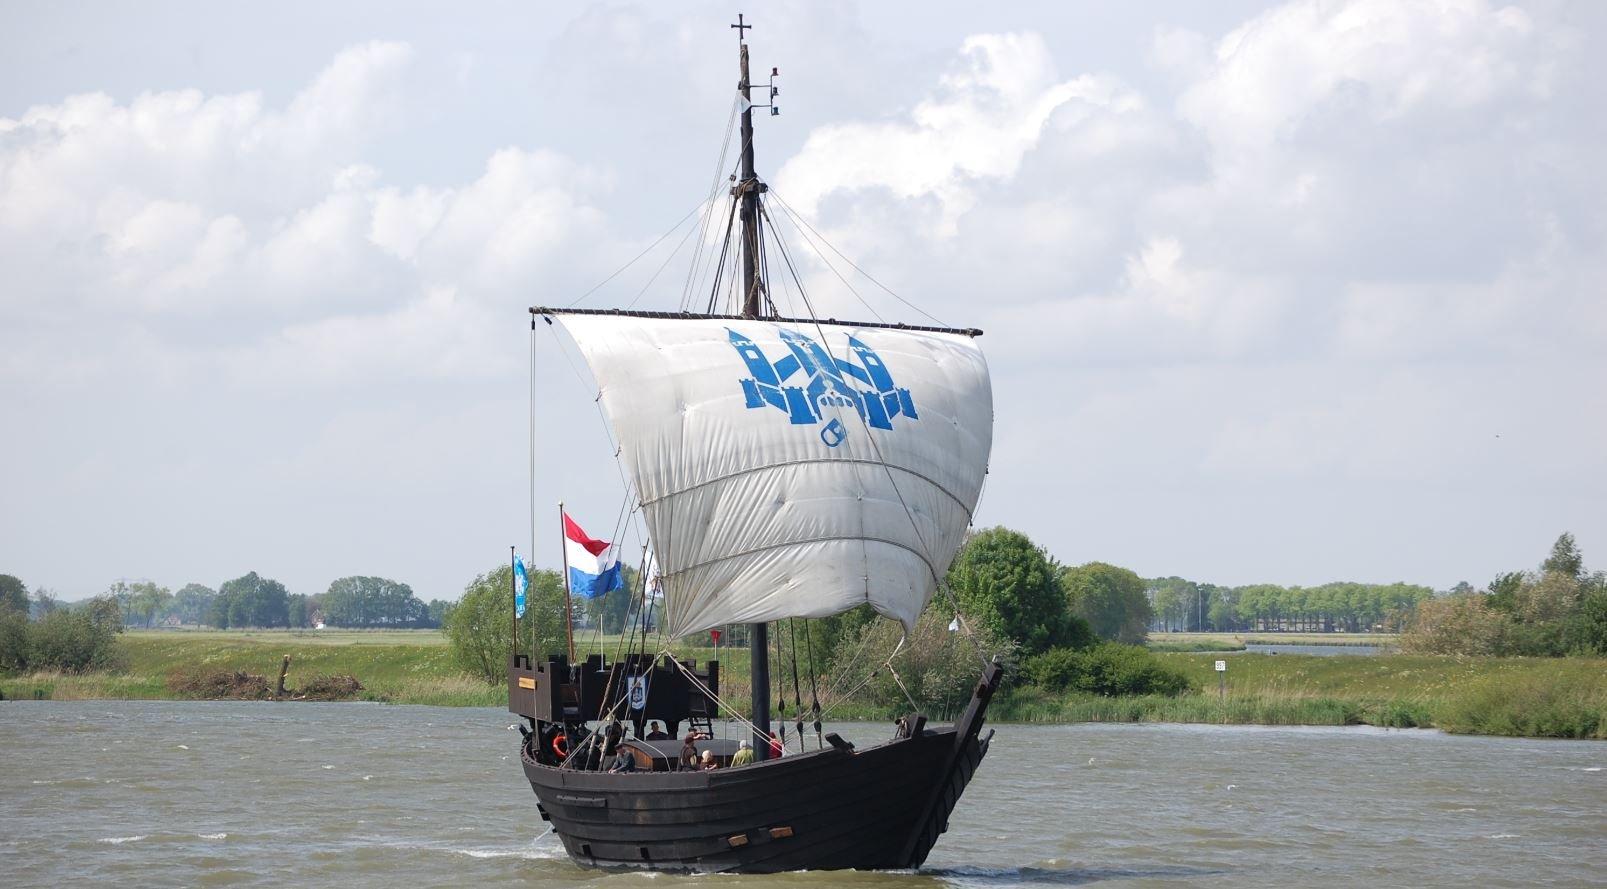 Zwarte Dame Black Lady Kamper Kogge 1998 Dutch reconstruction Cog Ship Kampen the Netherlands.jpg